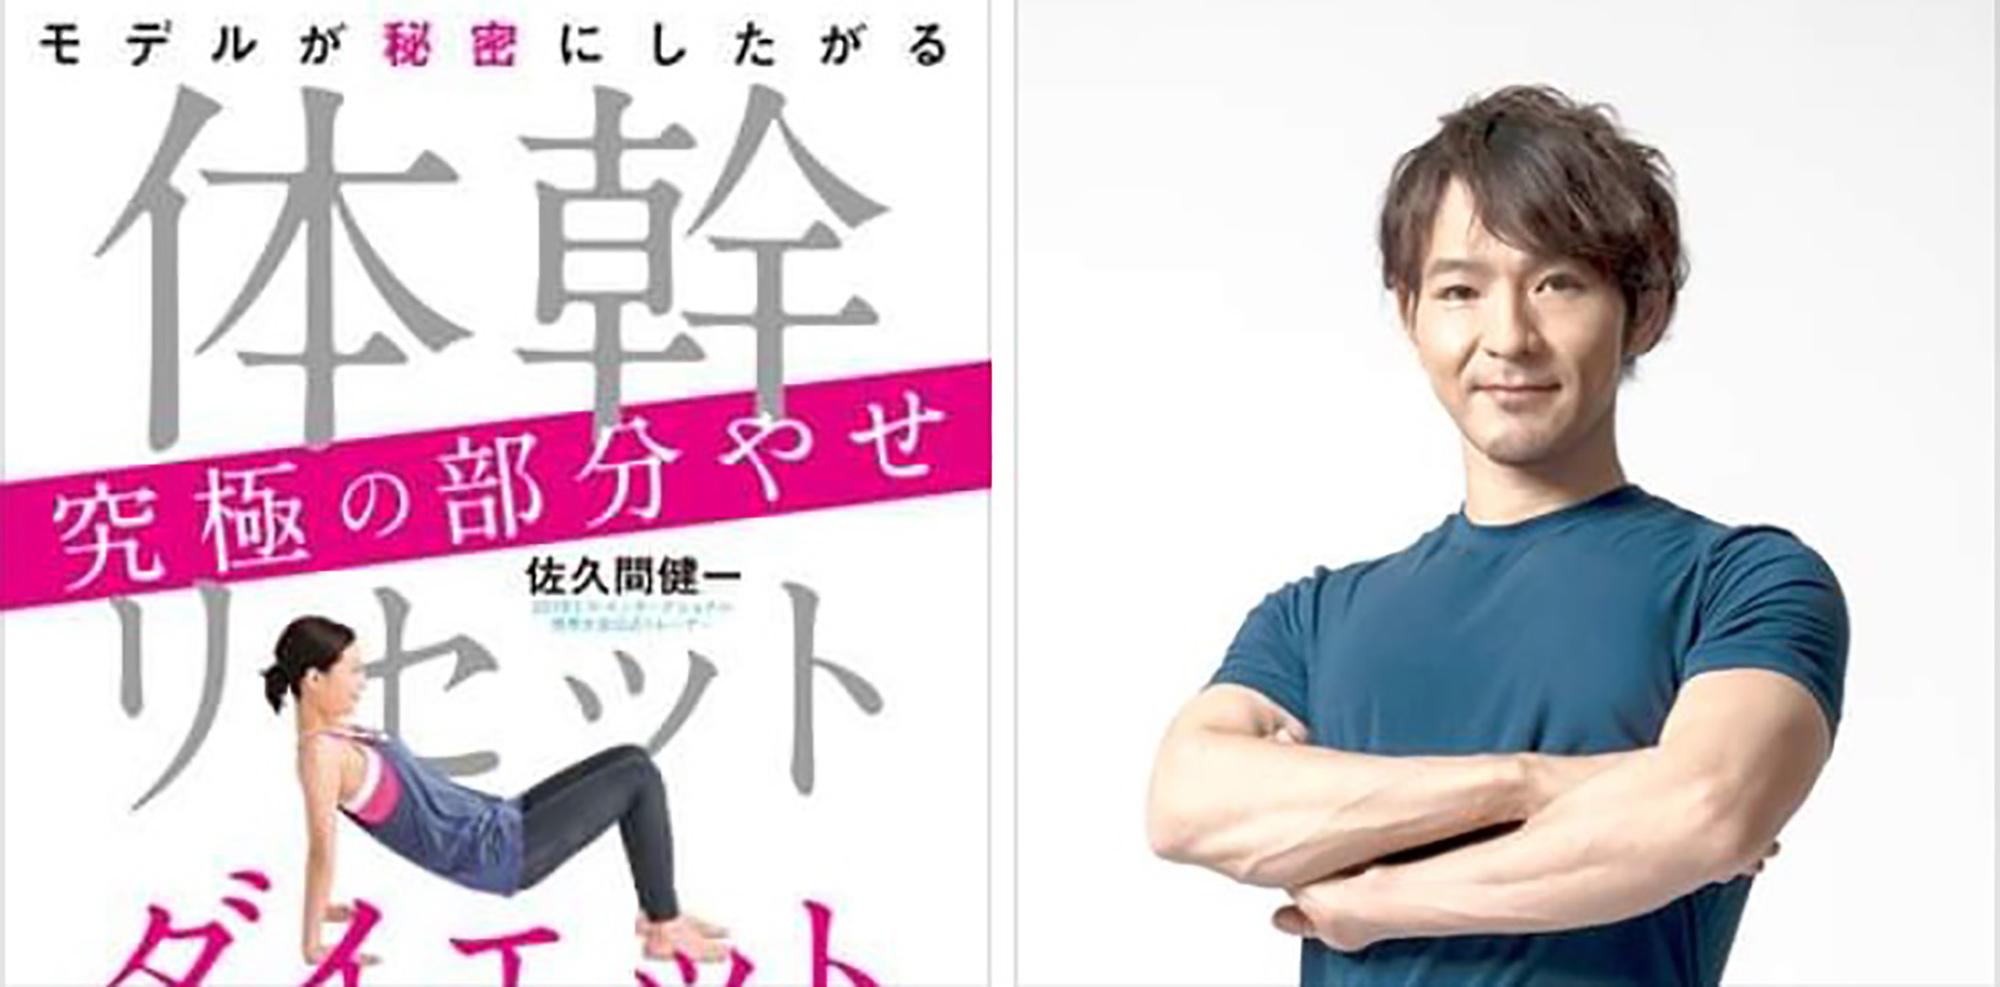 佐久間健一【公式】モデル体型ボディメイク・ダイエット